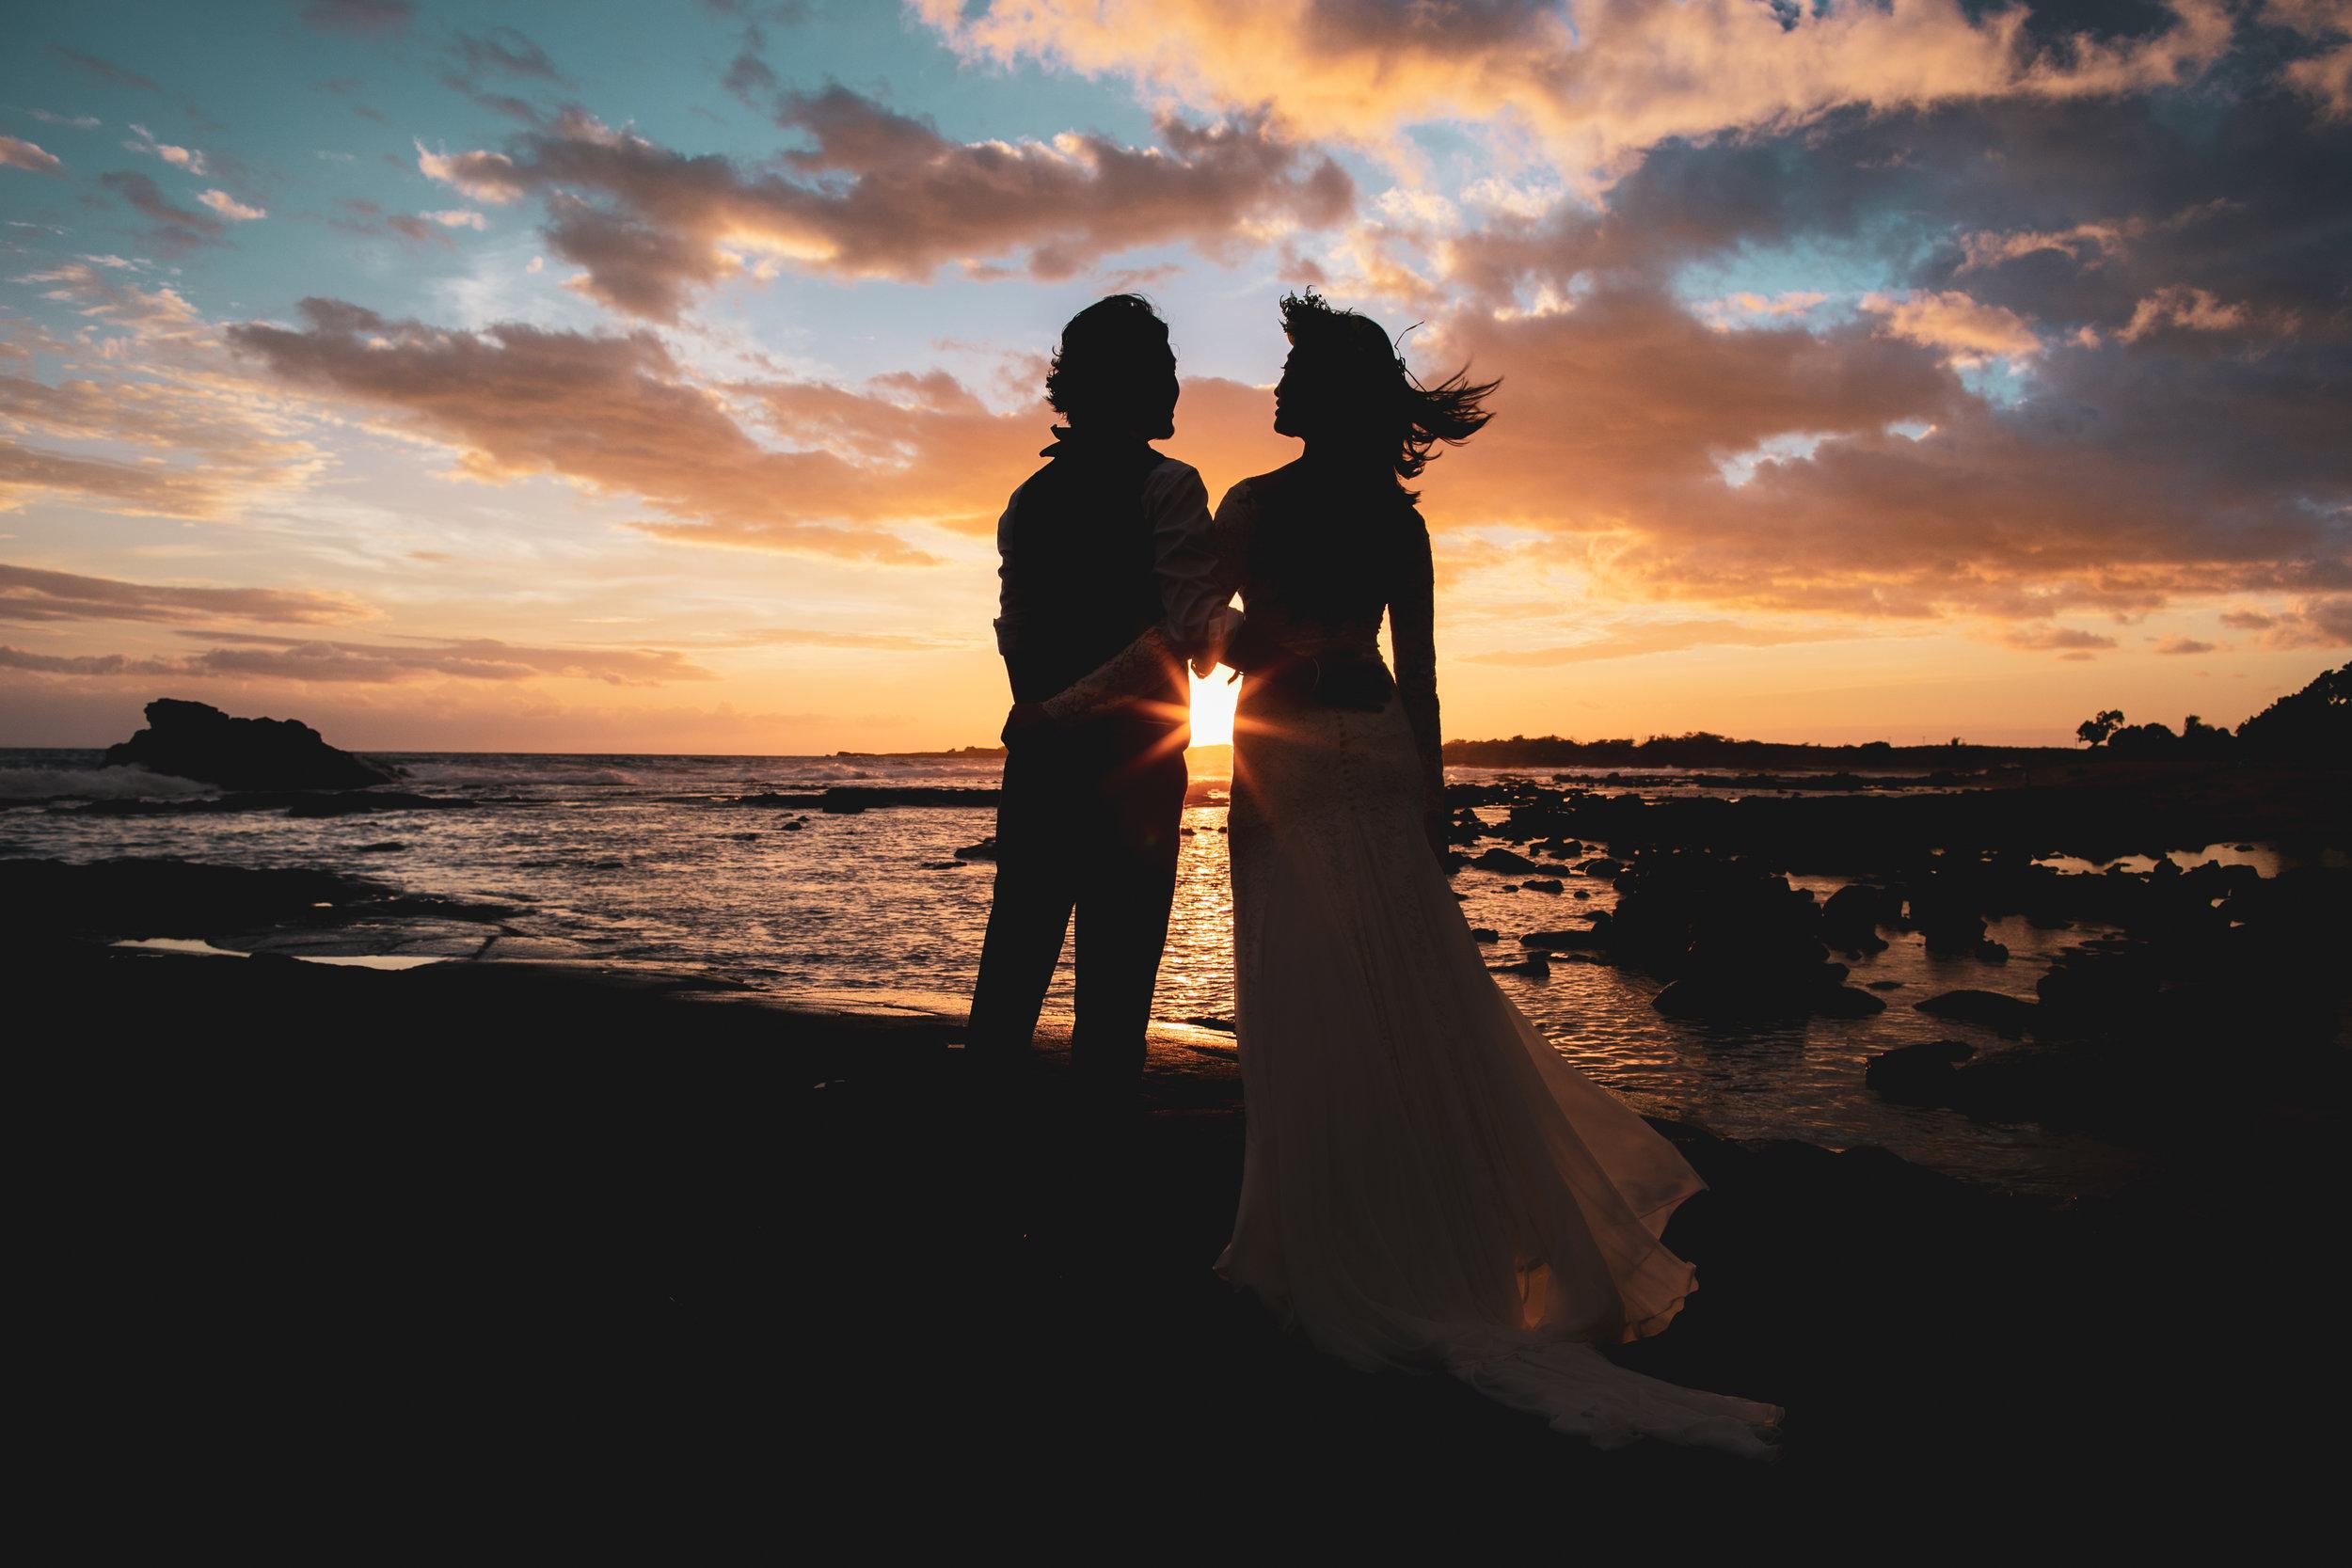 big island hawaii kelilina photography 20190711185845-1.jpg